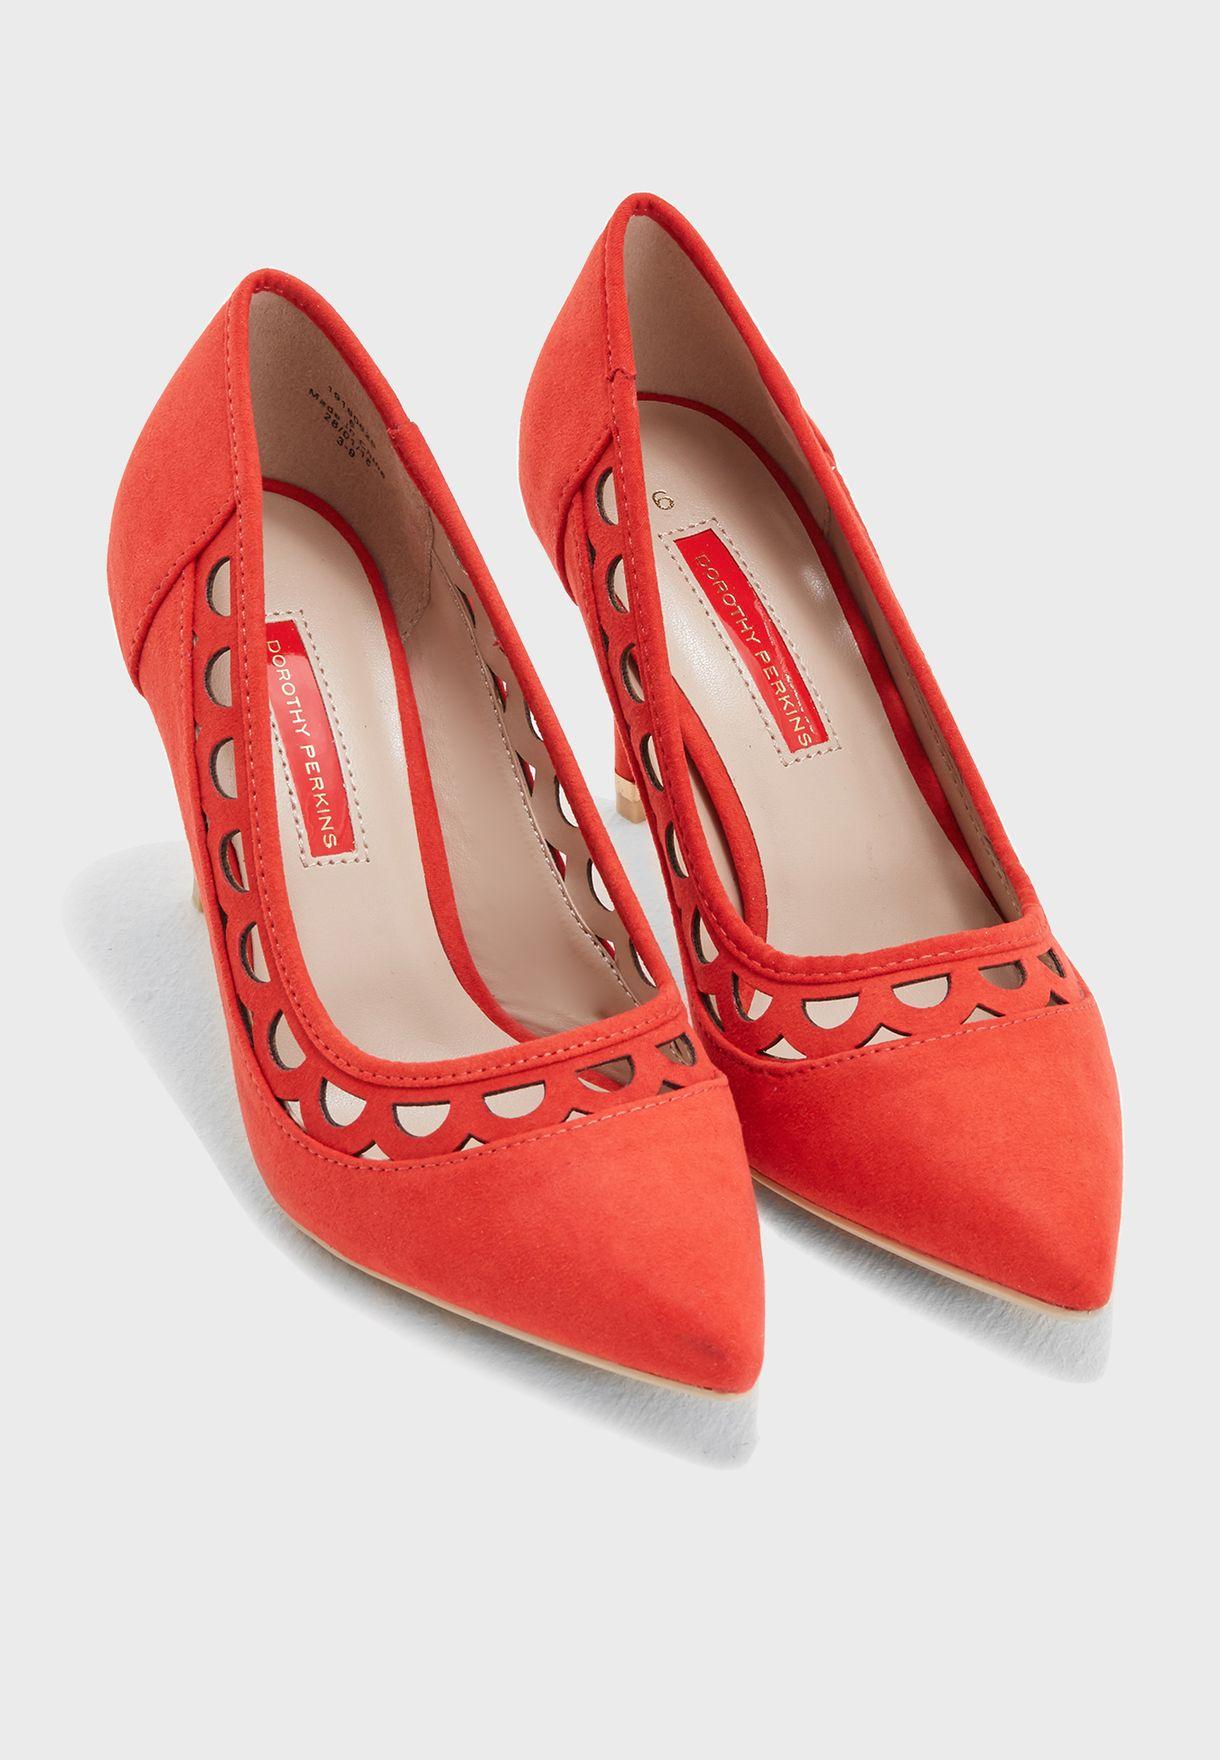 Glaze Cut Out Court Shoes